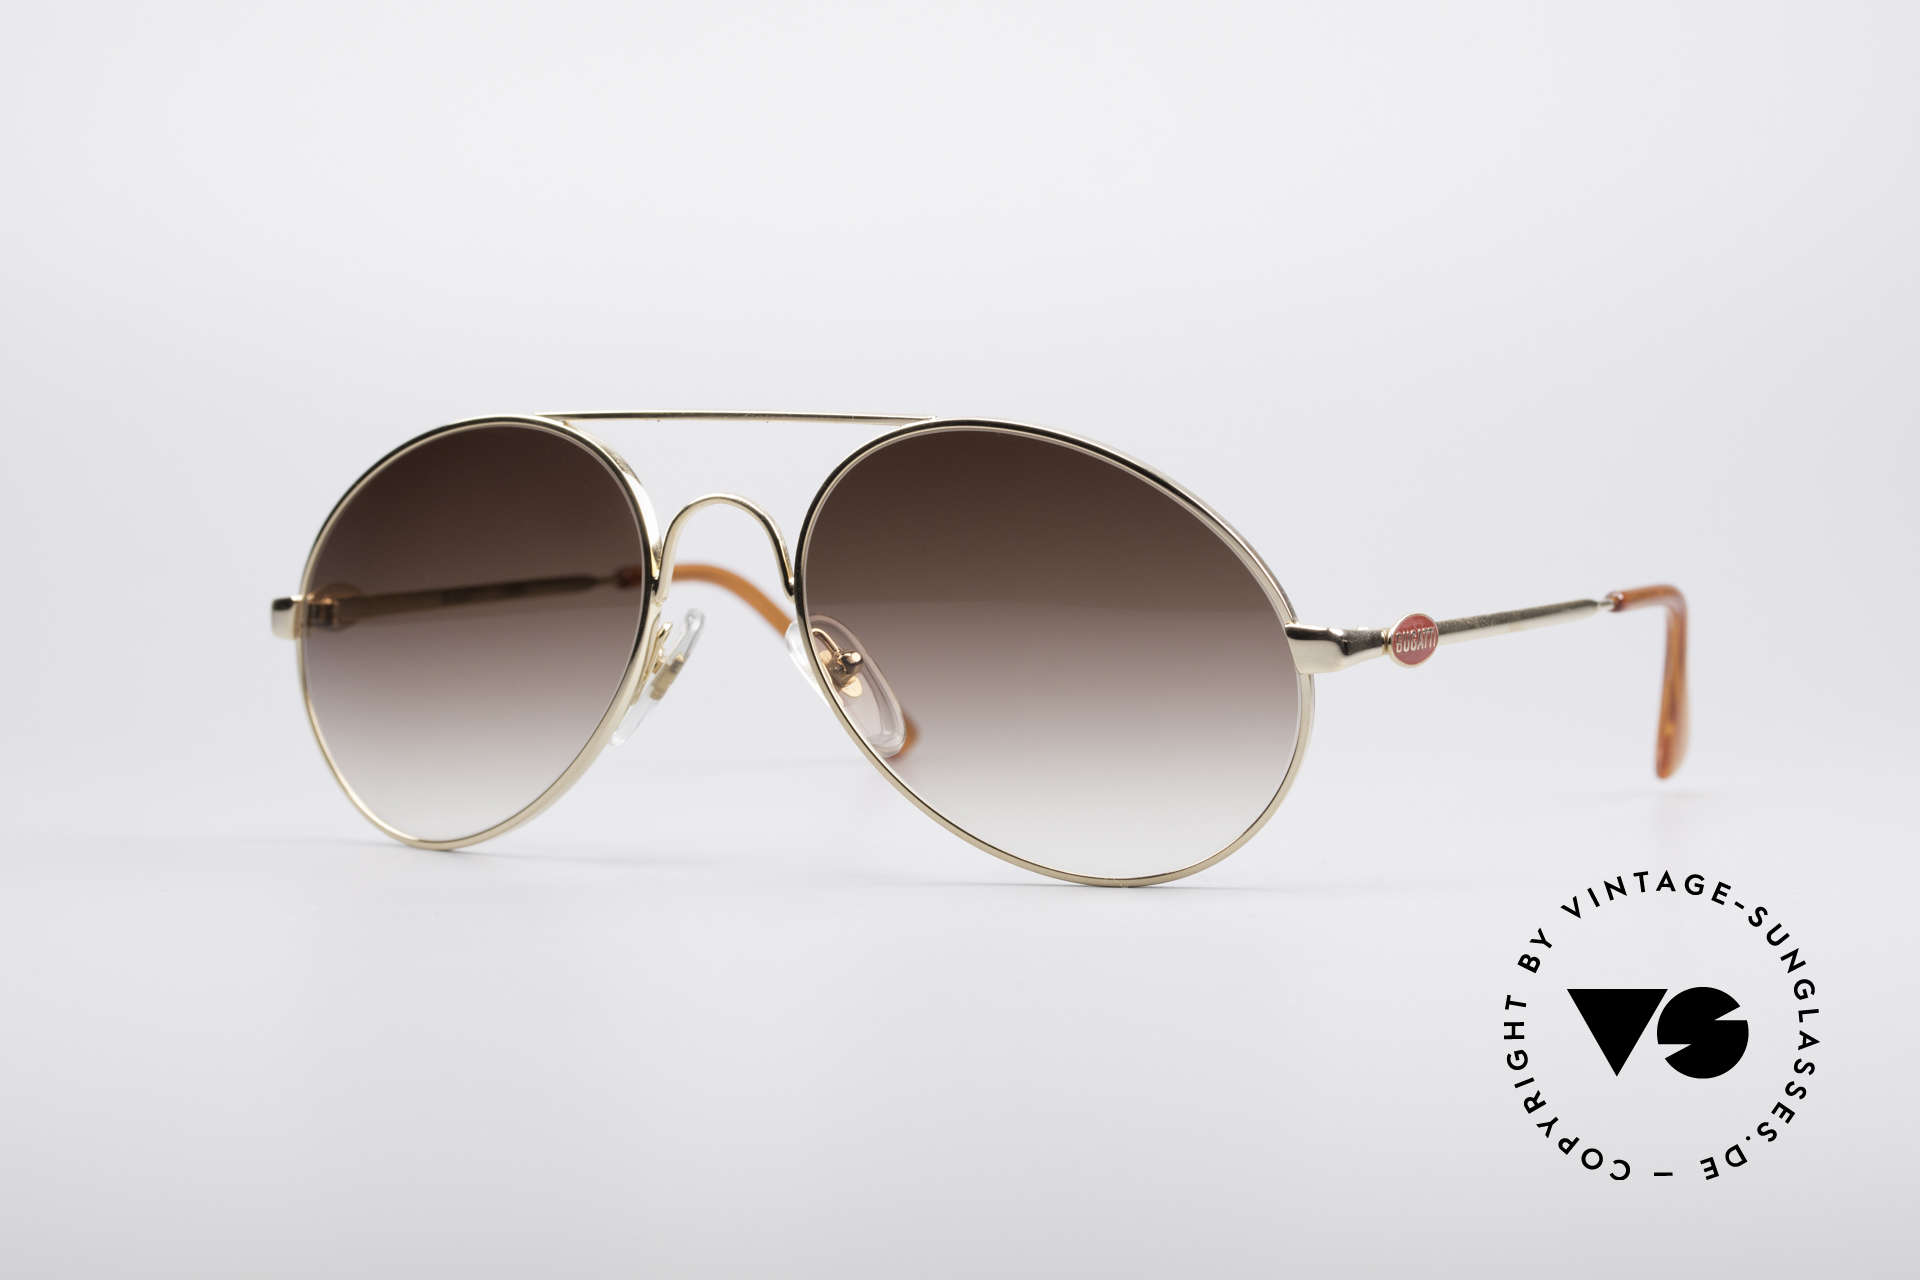 Bugatti 65986 Luxury 80's Sunglasses, classic Bugatti sunglasses from app. 1985/86, Made for Men